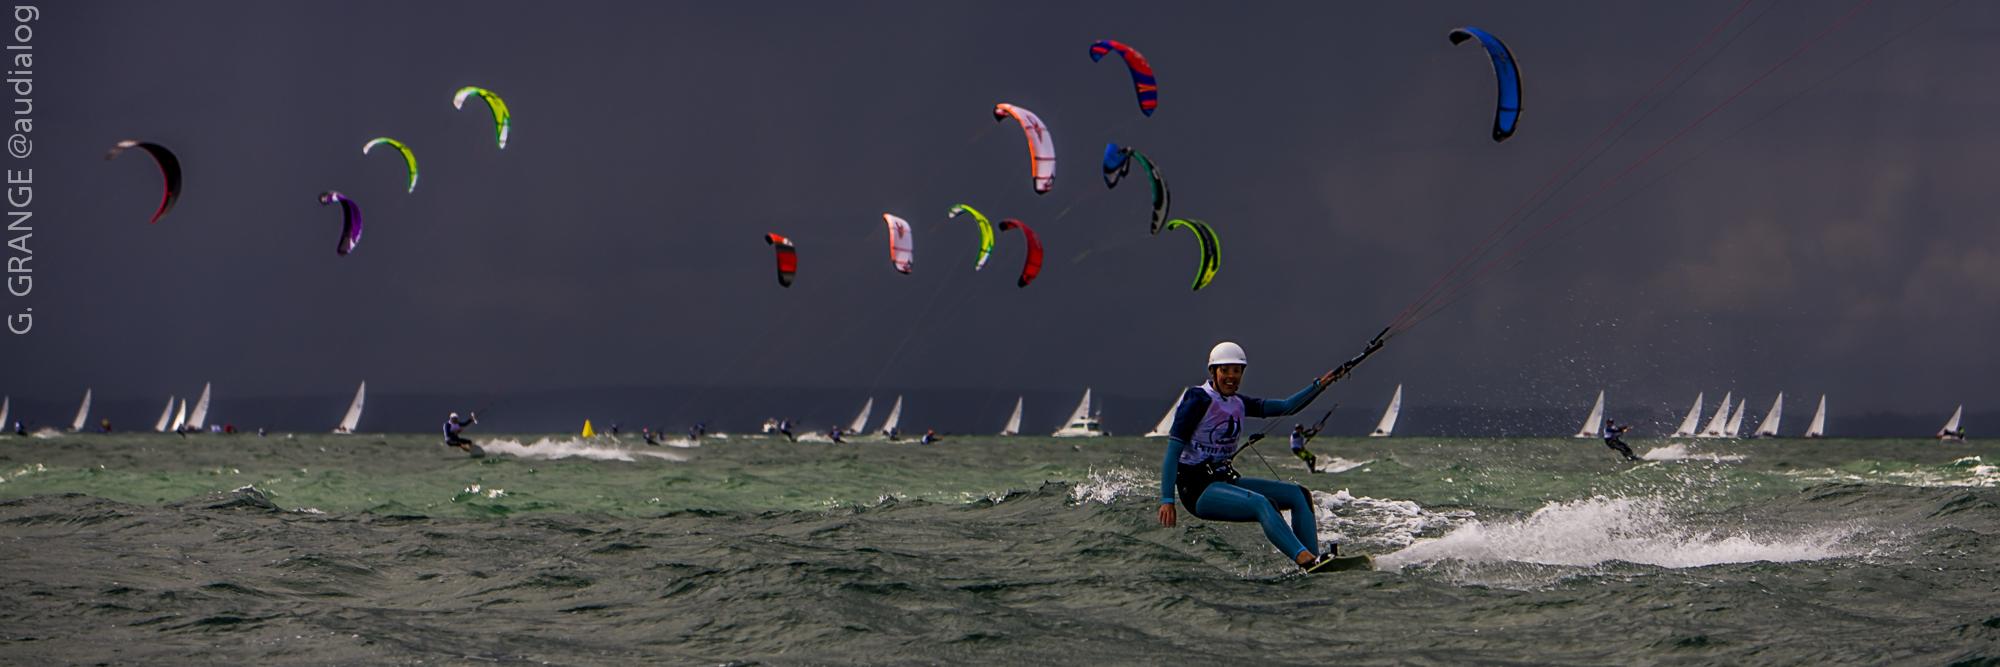 Kite surf sur fond sombre et voiles au Grand Prix Petit Navire 2008